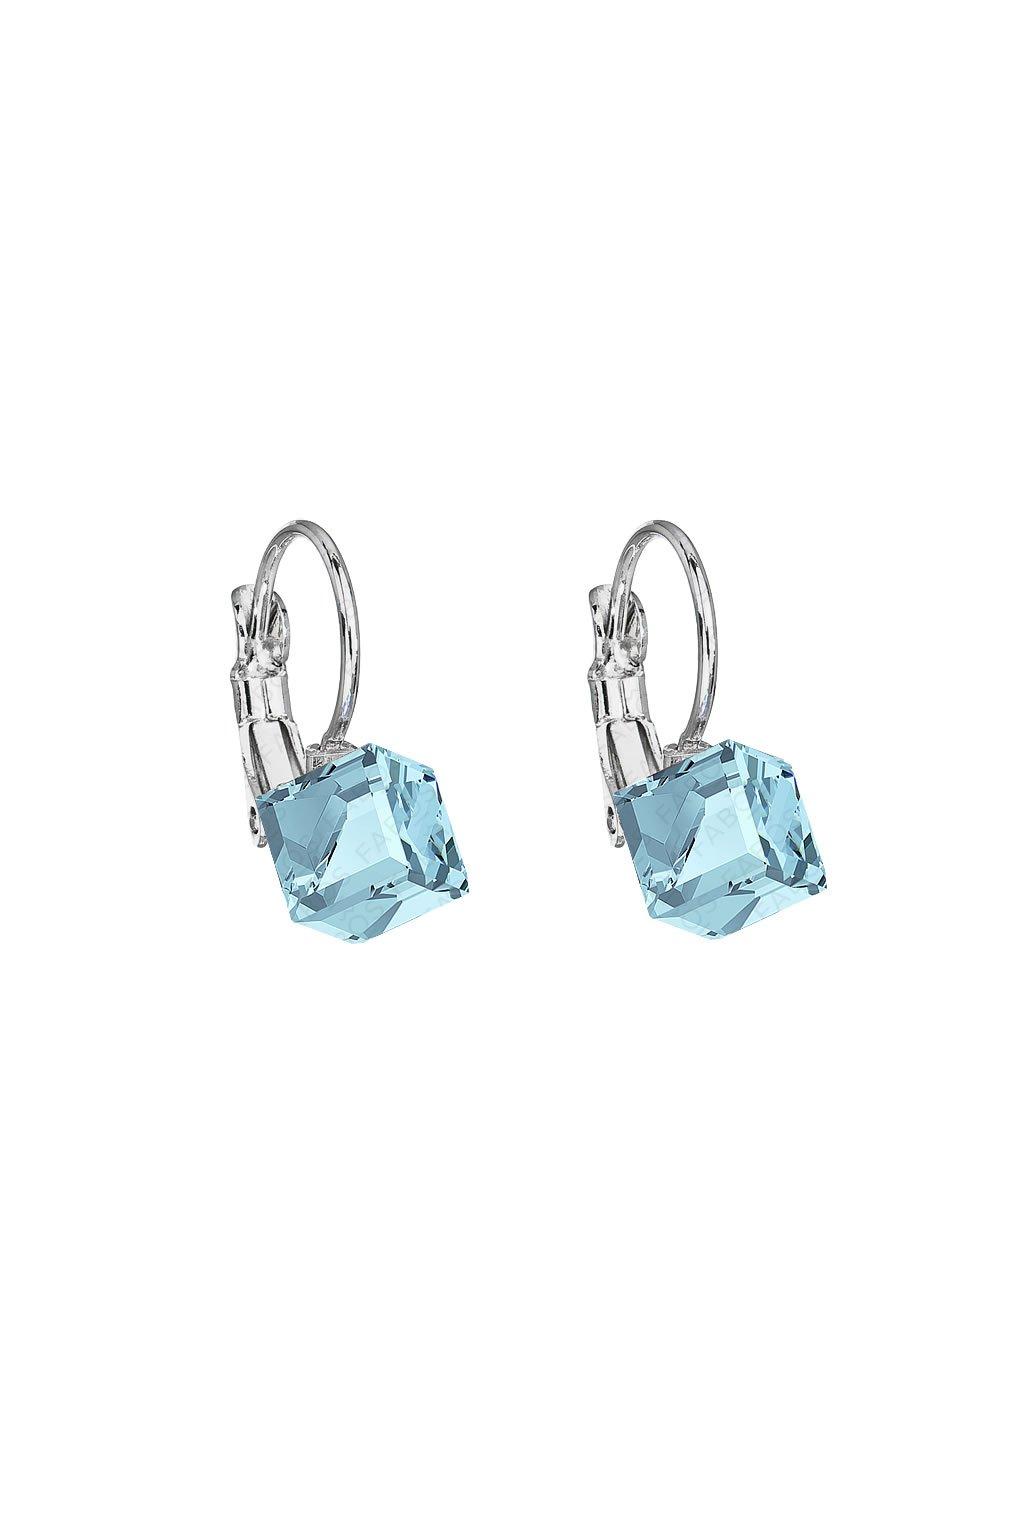 Stříbrné náušnice visací s krystaly Swarovski modré